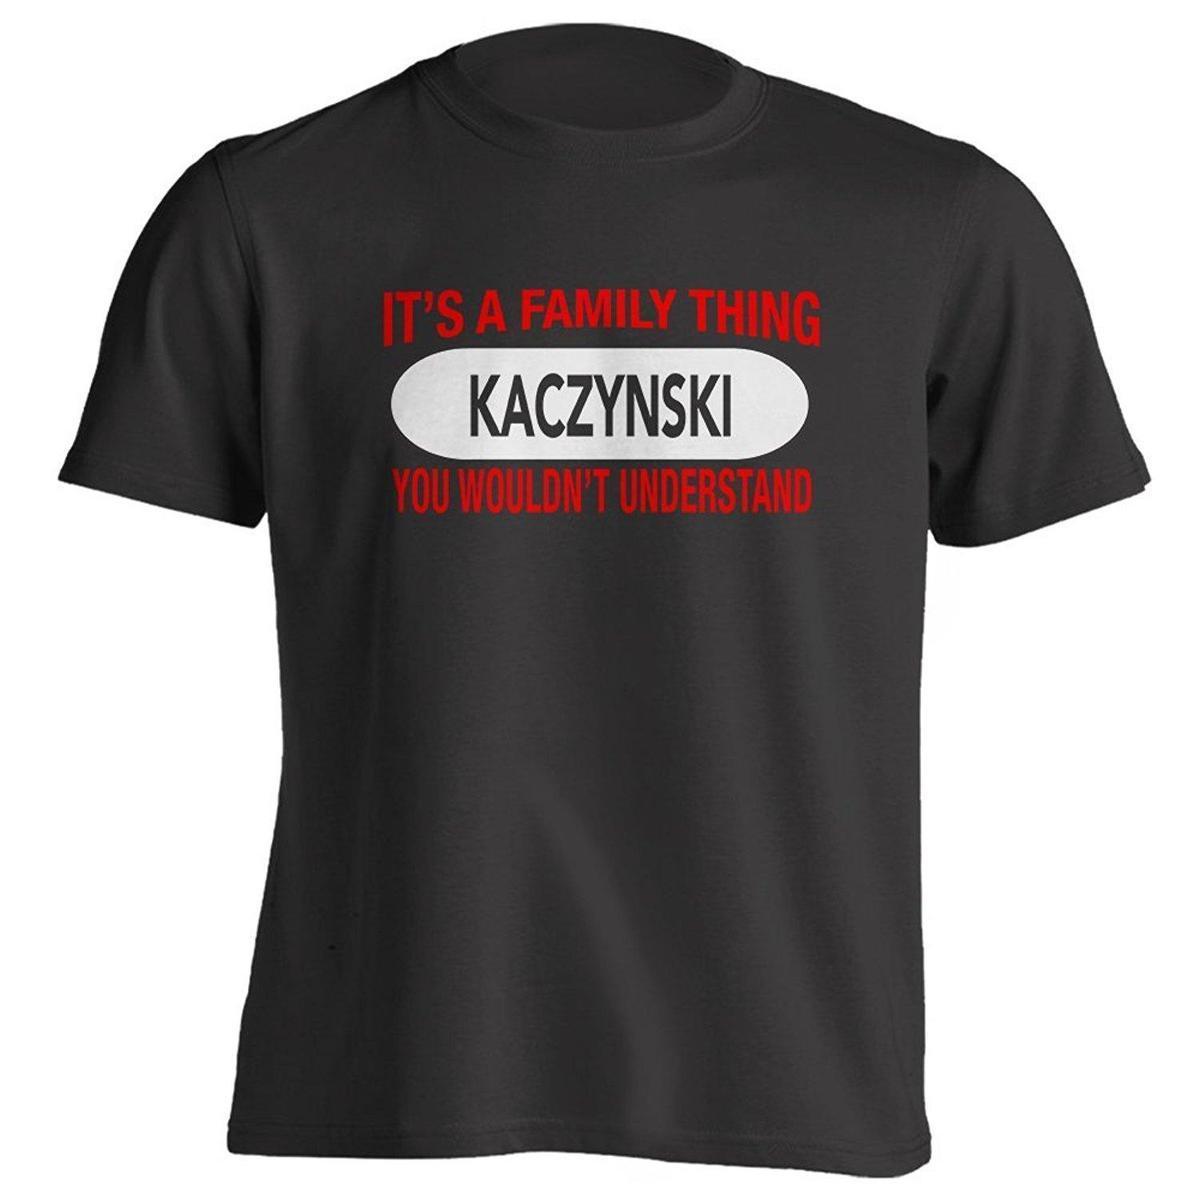 da2c0b7de3 It's a Kaczynski Family Thing - You Wouldn Understand - Family Reunion T- Shirt